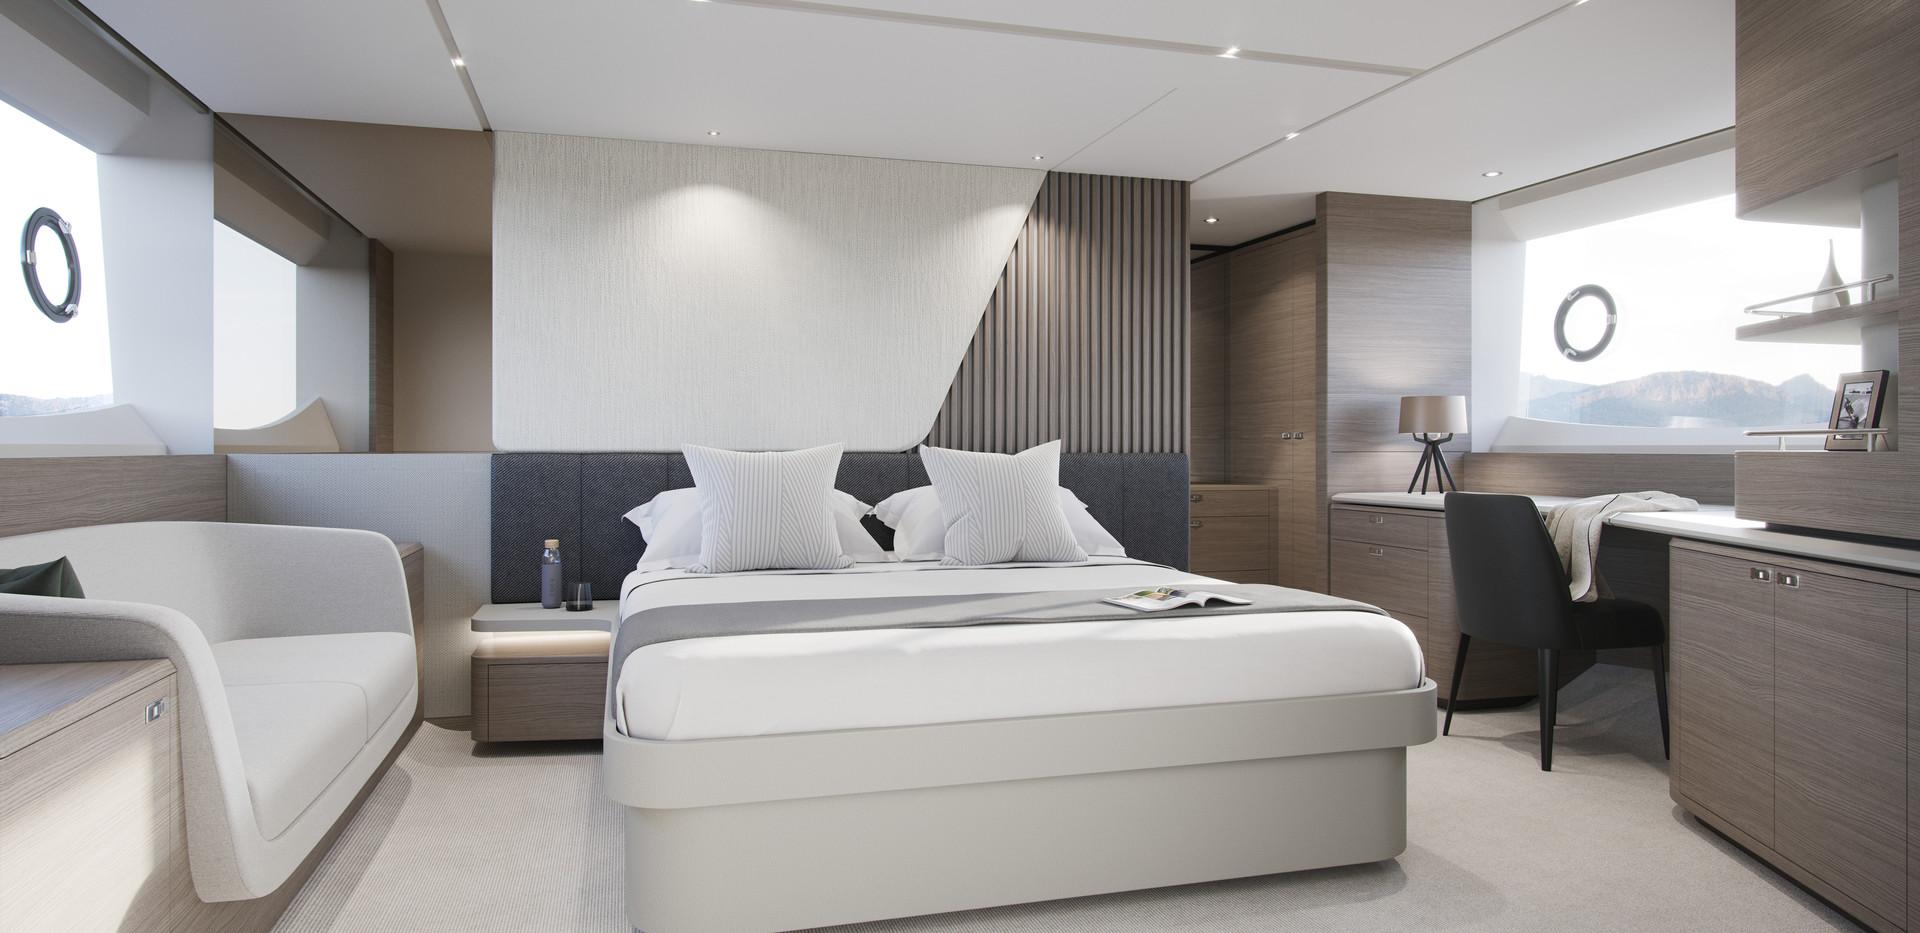 y72-interior-owners-stateroom-cgi.jpg